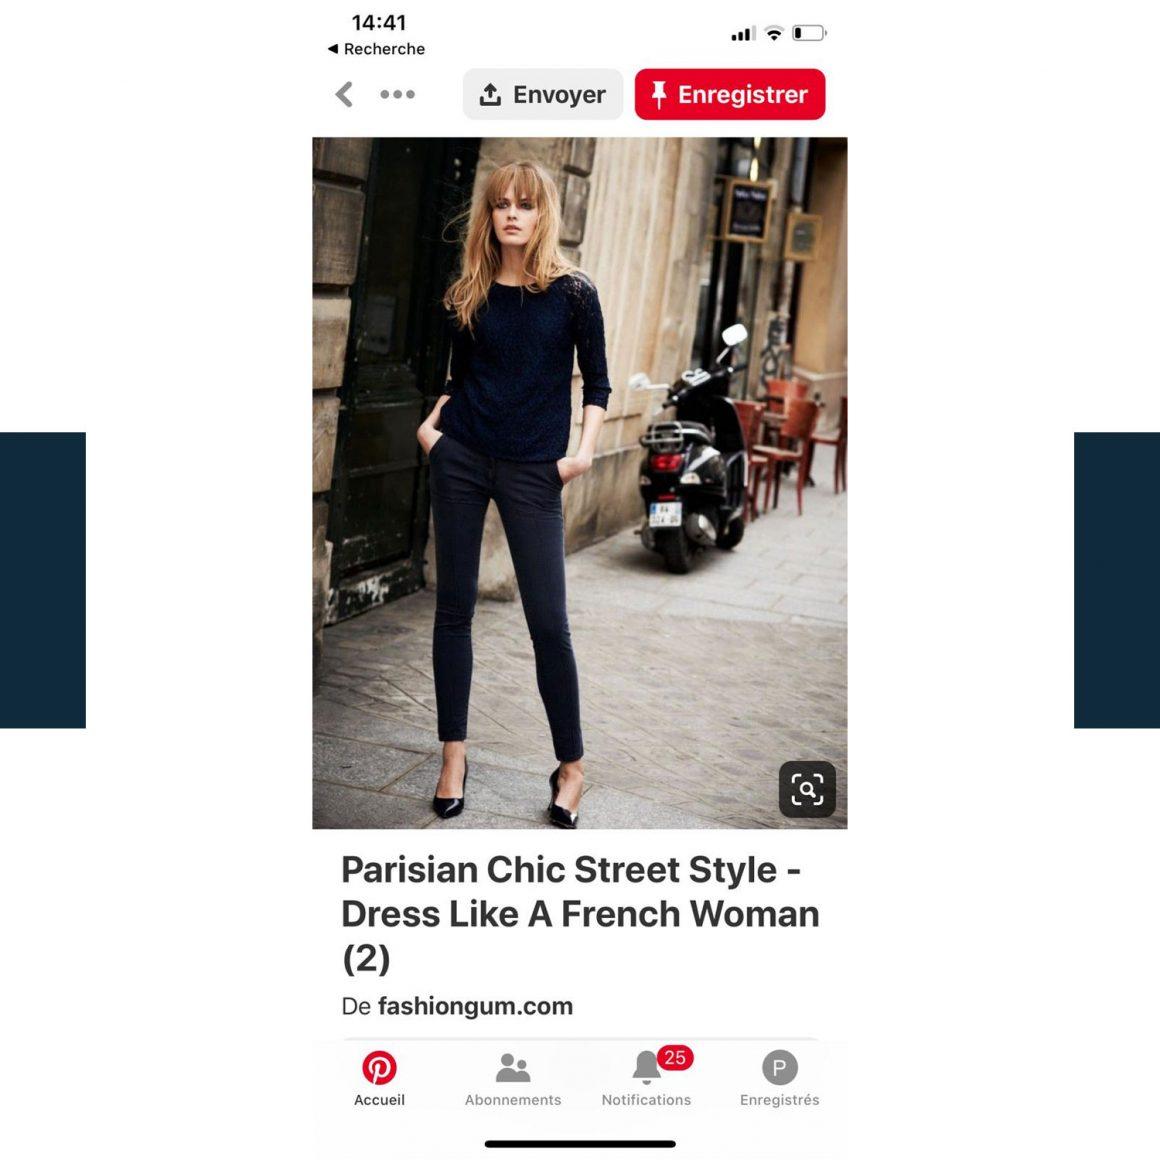 Les plus beaux lieux de Paris sur Pinterest